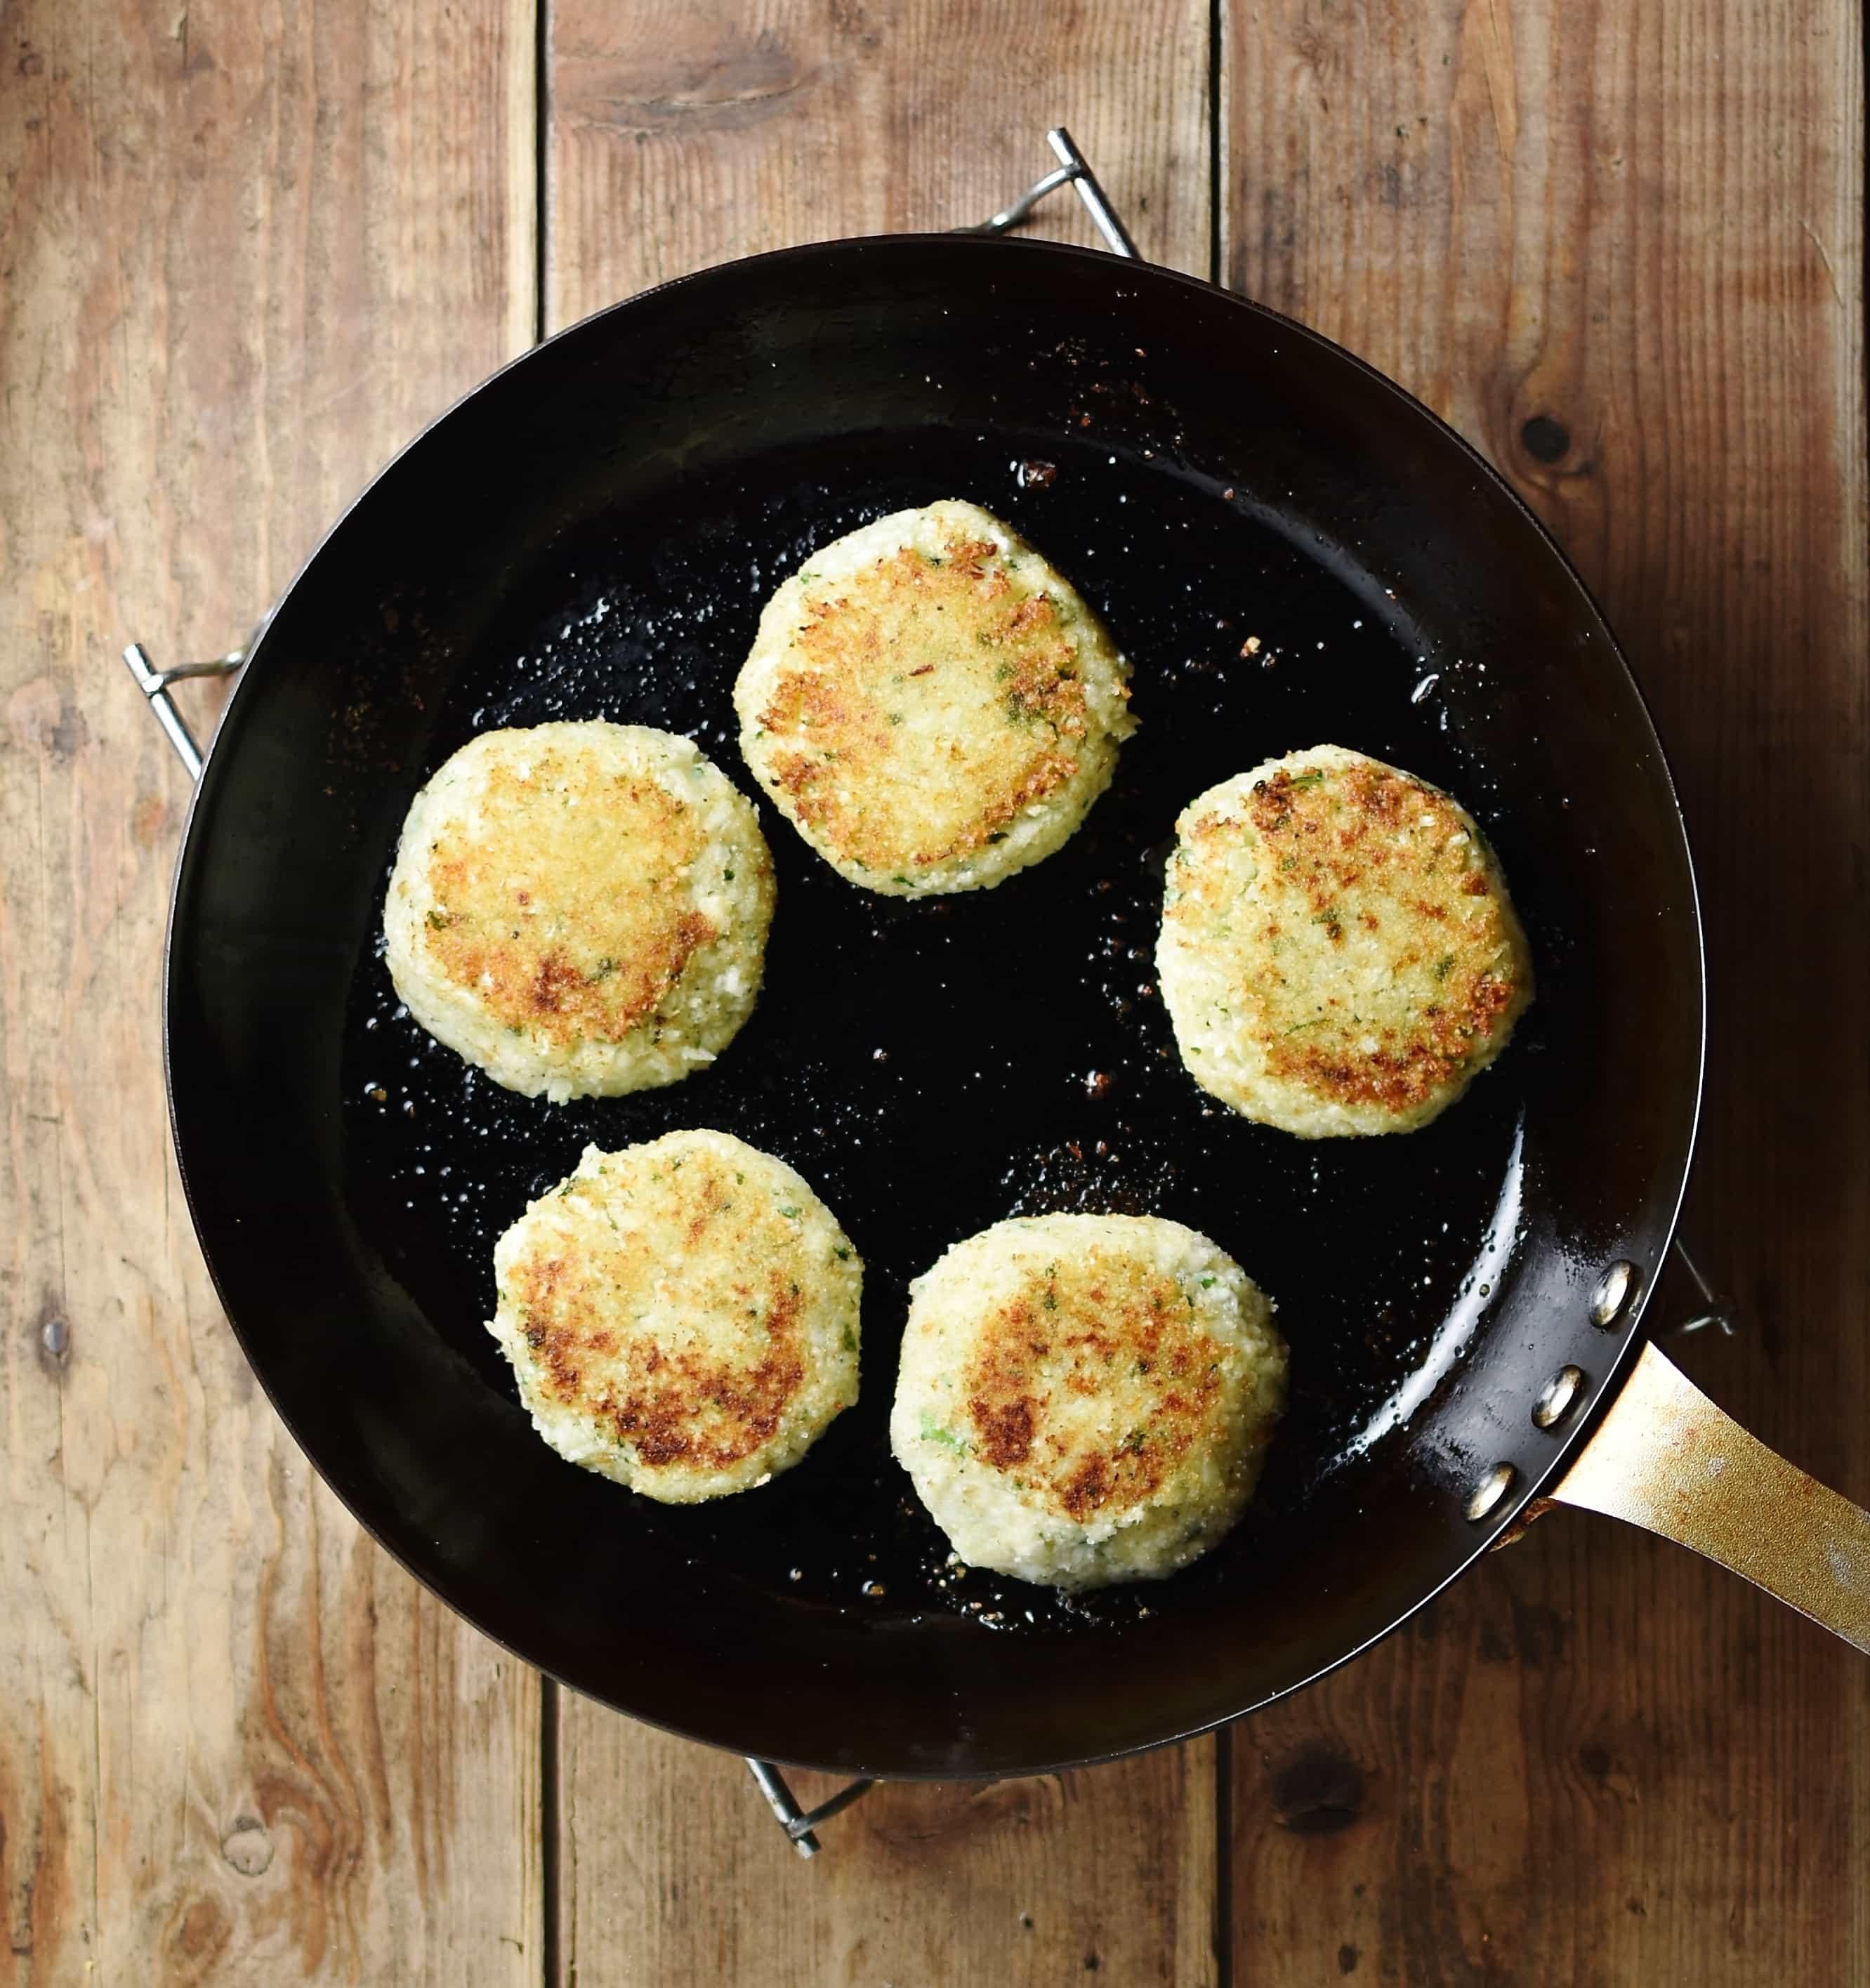 5 fried breaded patties in small pan.